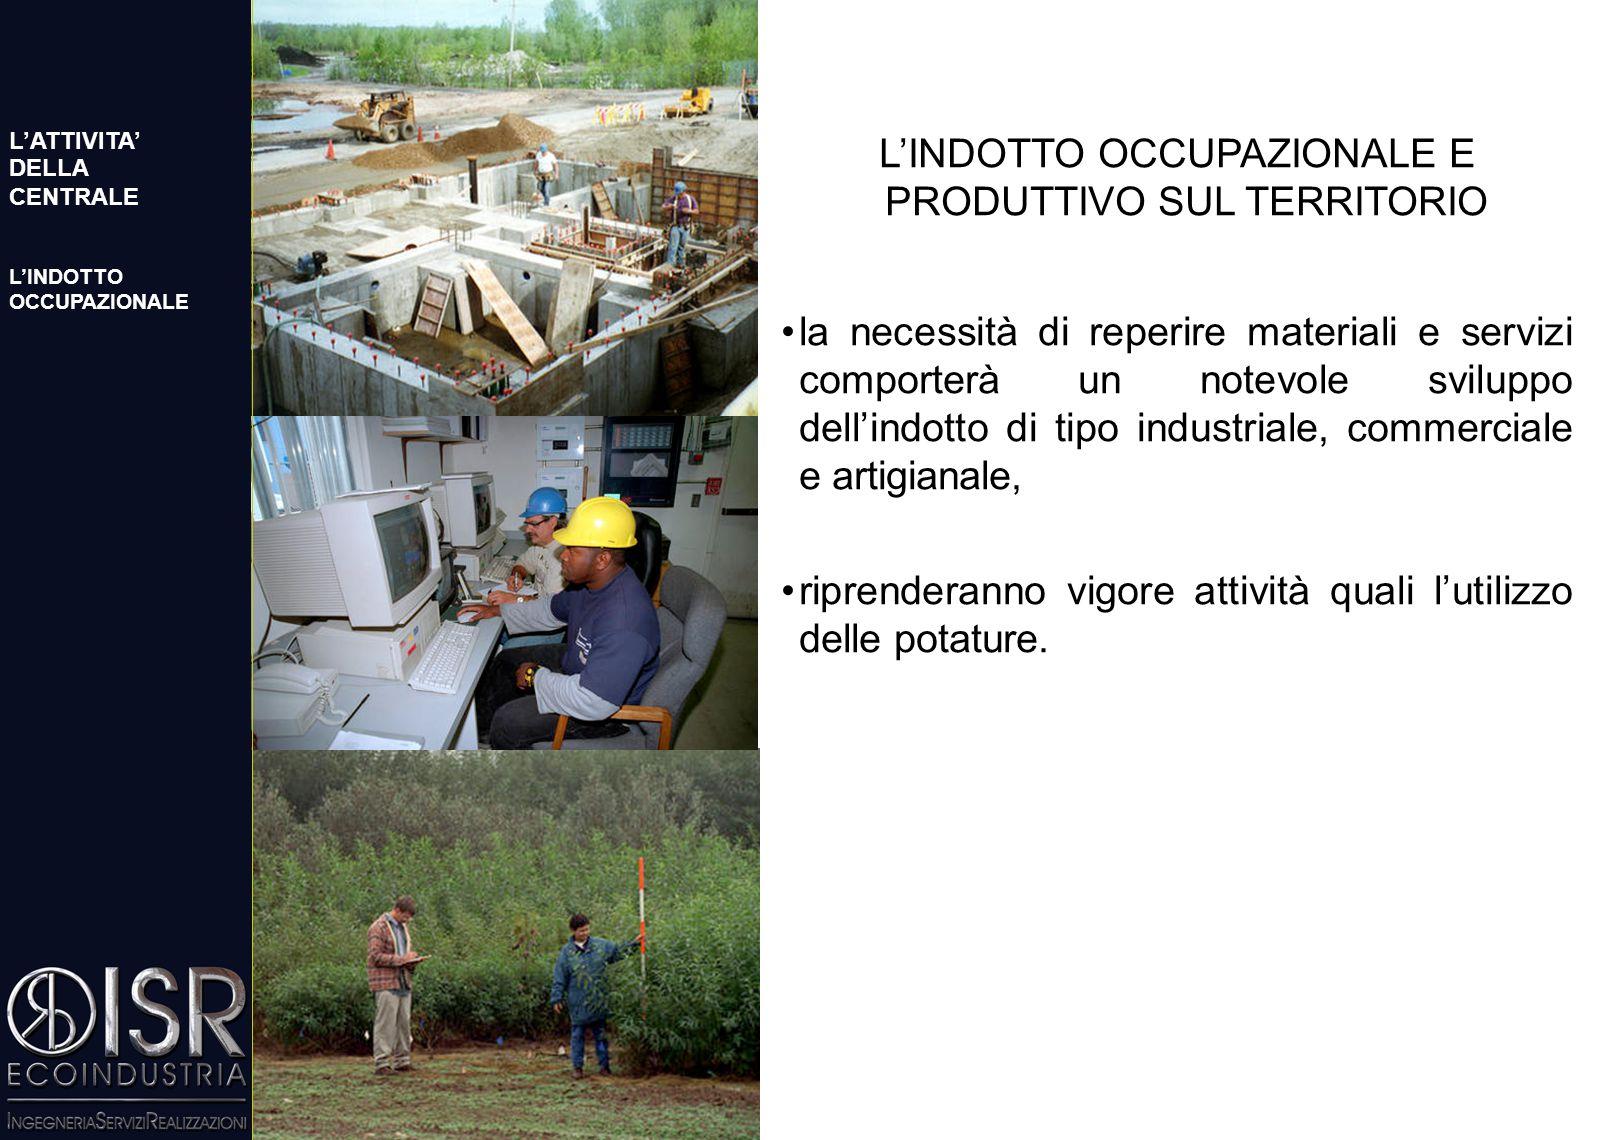 L'INDOTTO OCCUPAZIONALE E PRODUTTIVO SUL TERRITORIO l'organico previsto per la gestione e manutenzione dell'impianto e' costituito da 30 persone, il p